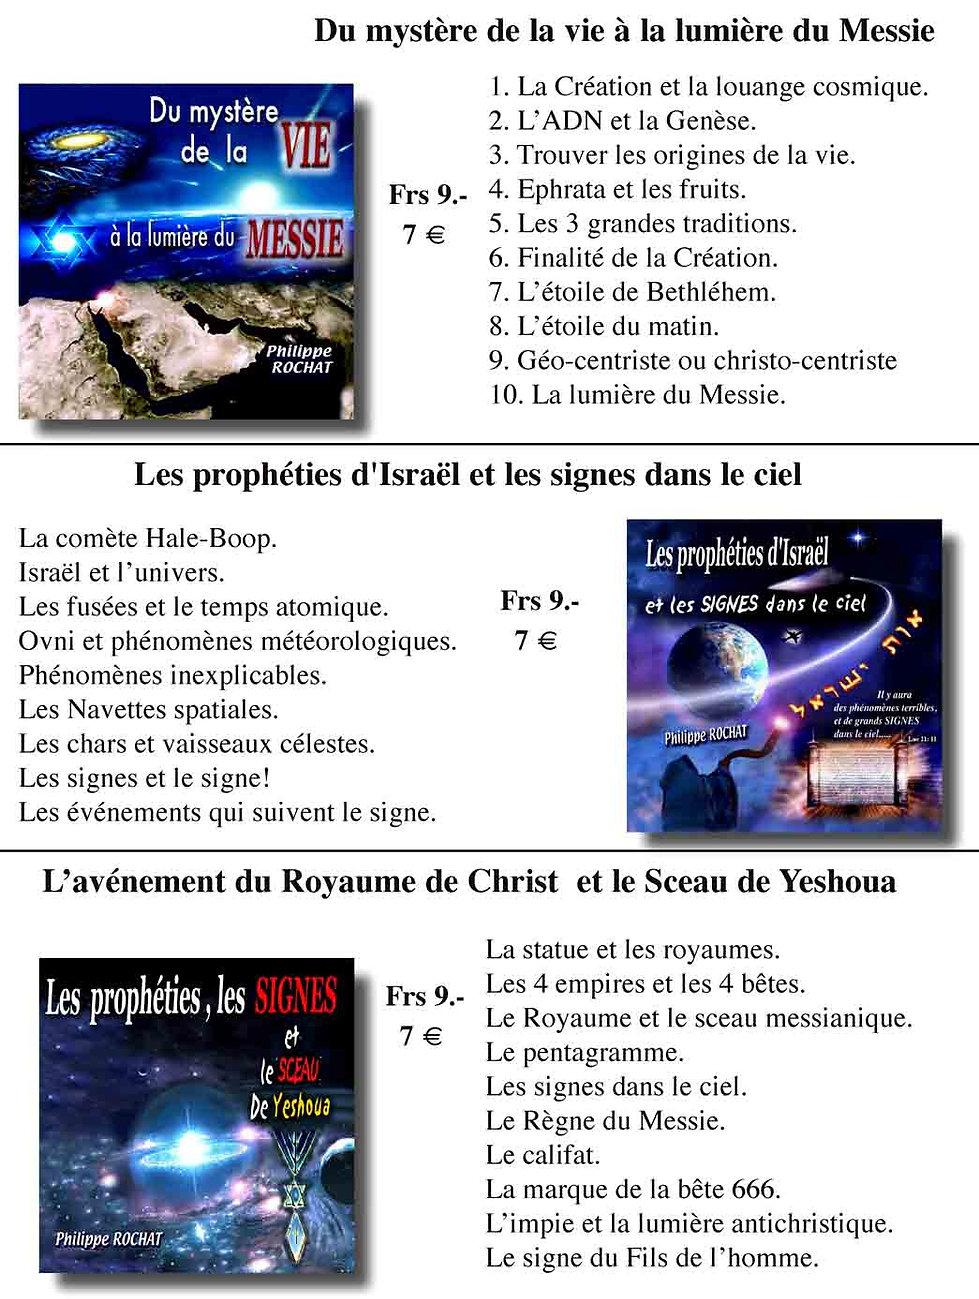 Mystères, prophéties et signes